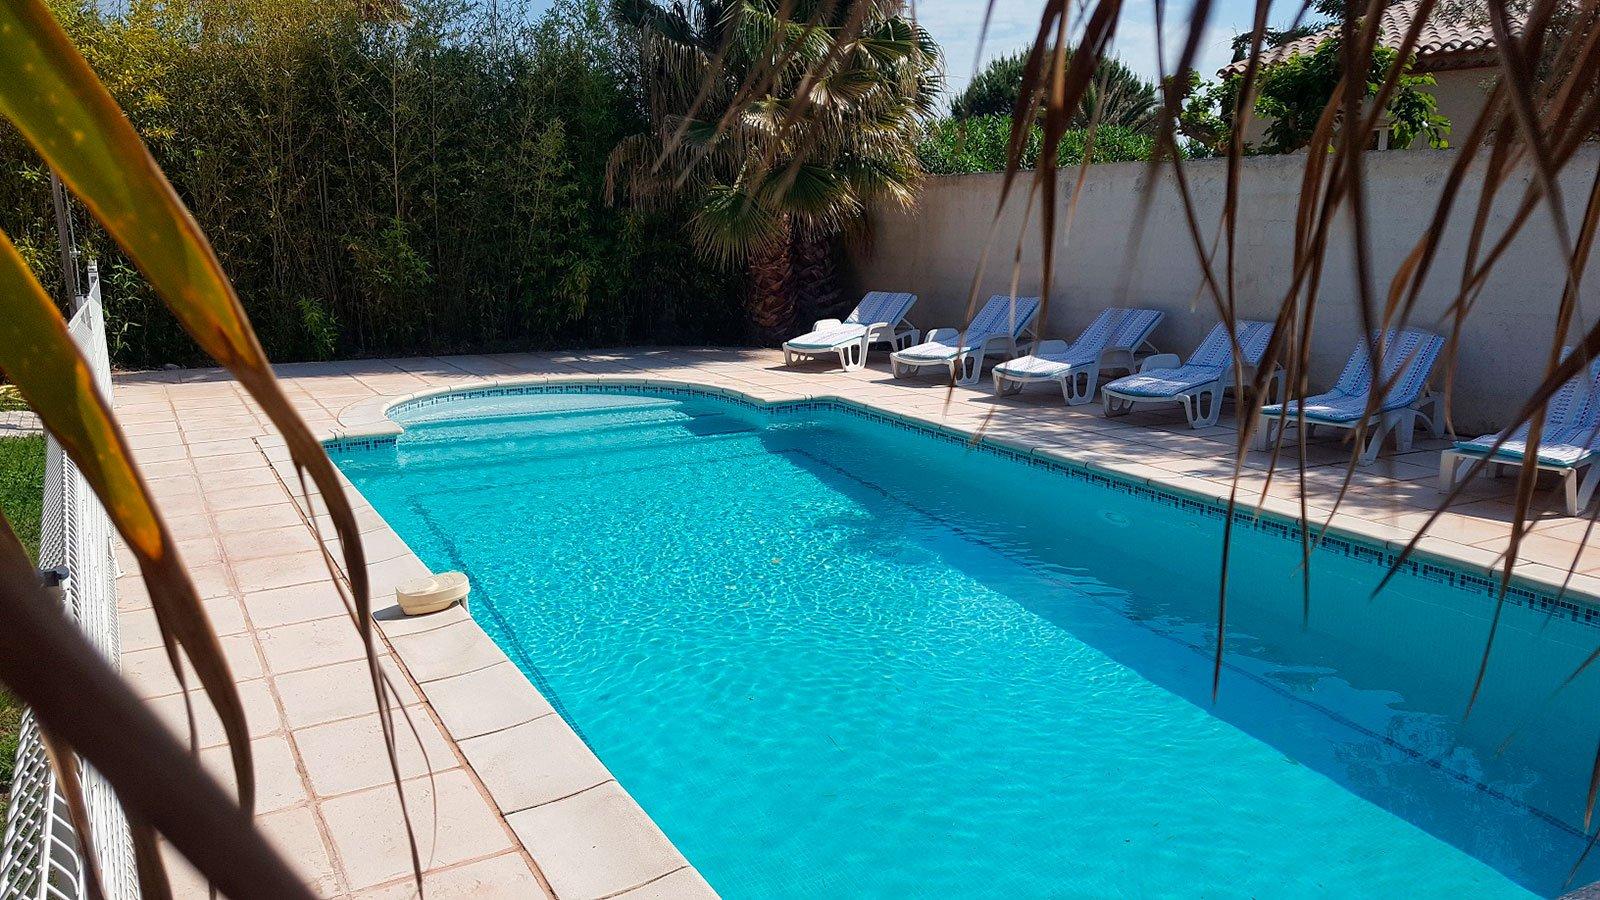 accueil-la-villa-aux-mimosas-vue-de-la-piscine-privee-chauffee-et-au-sel